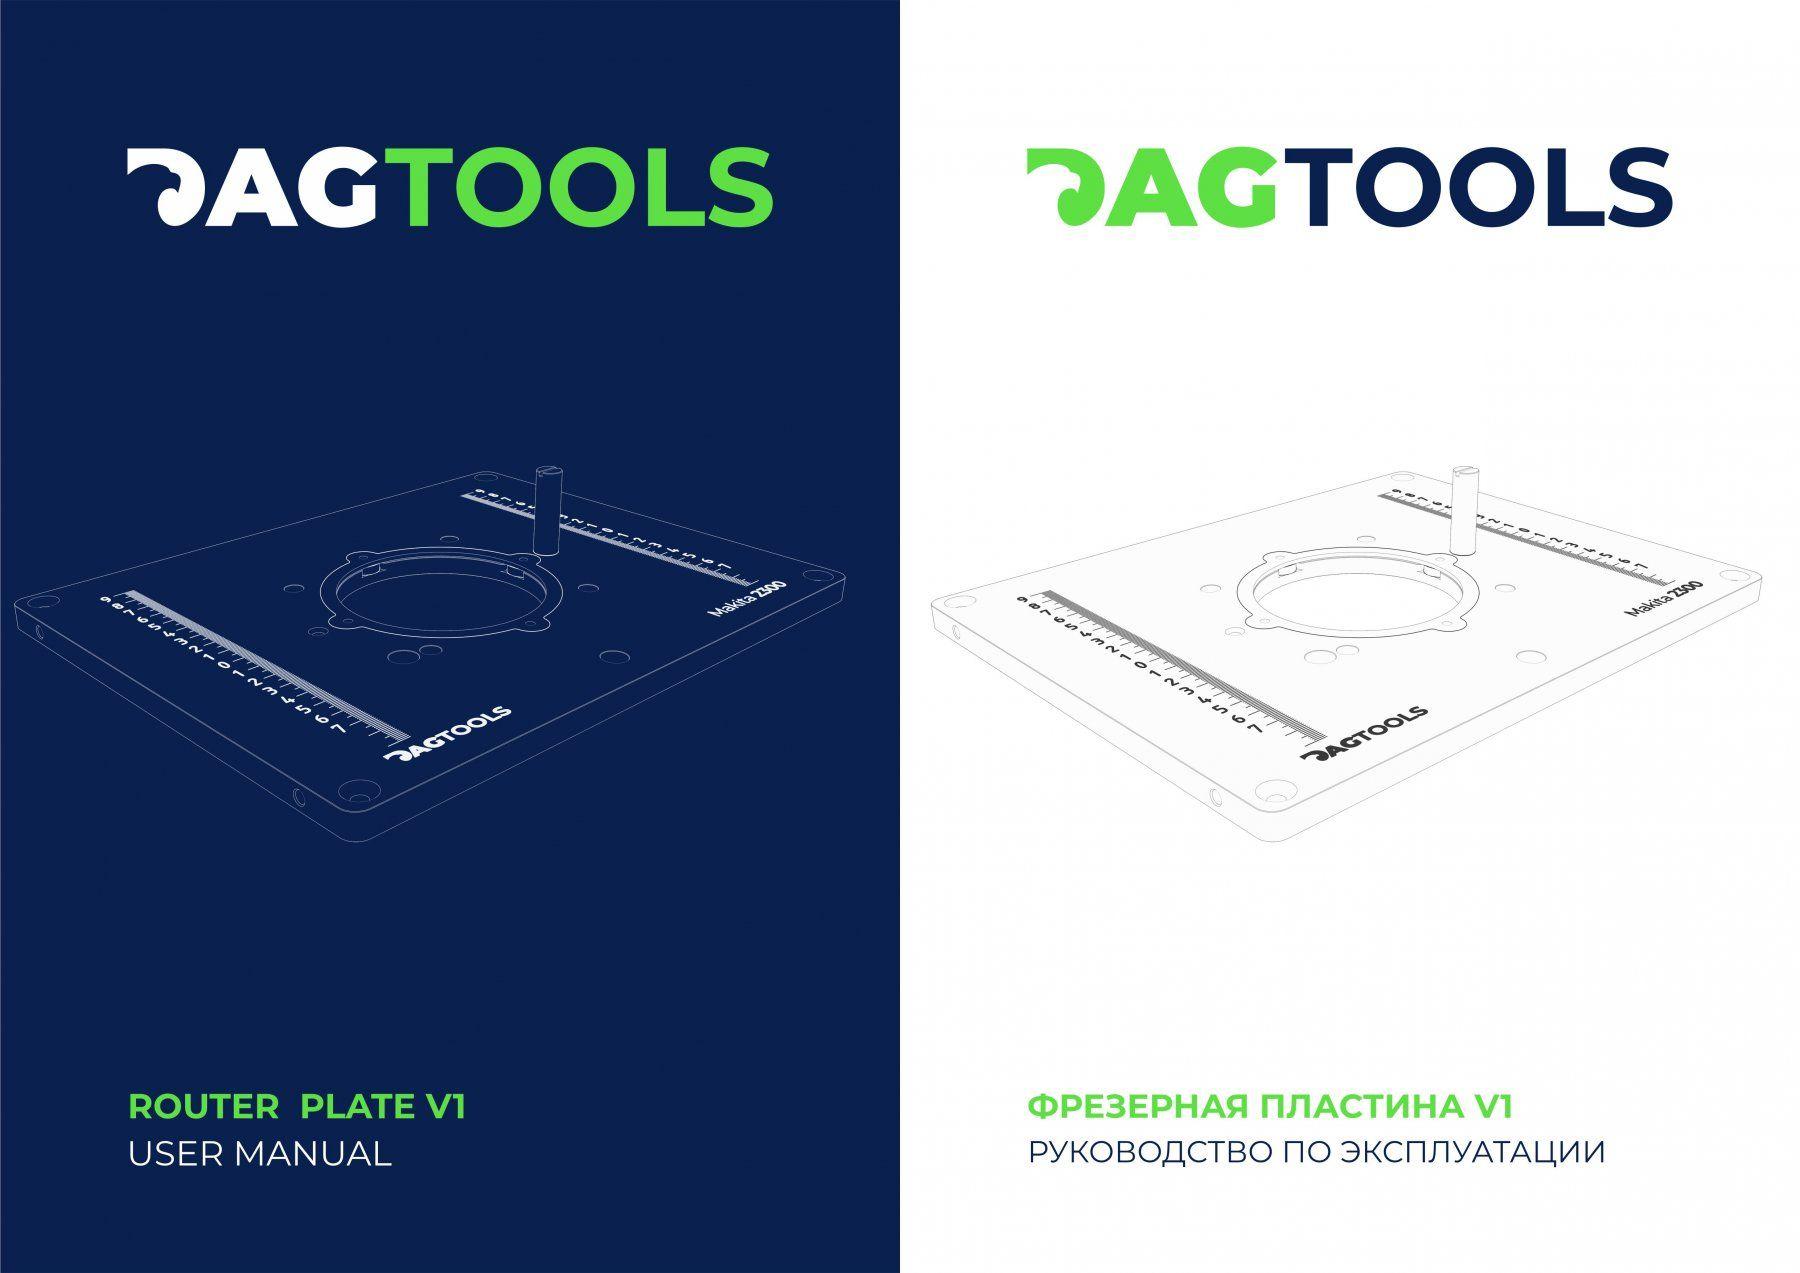 DagTools-Install.jpg